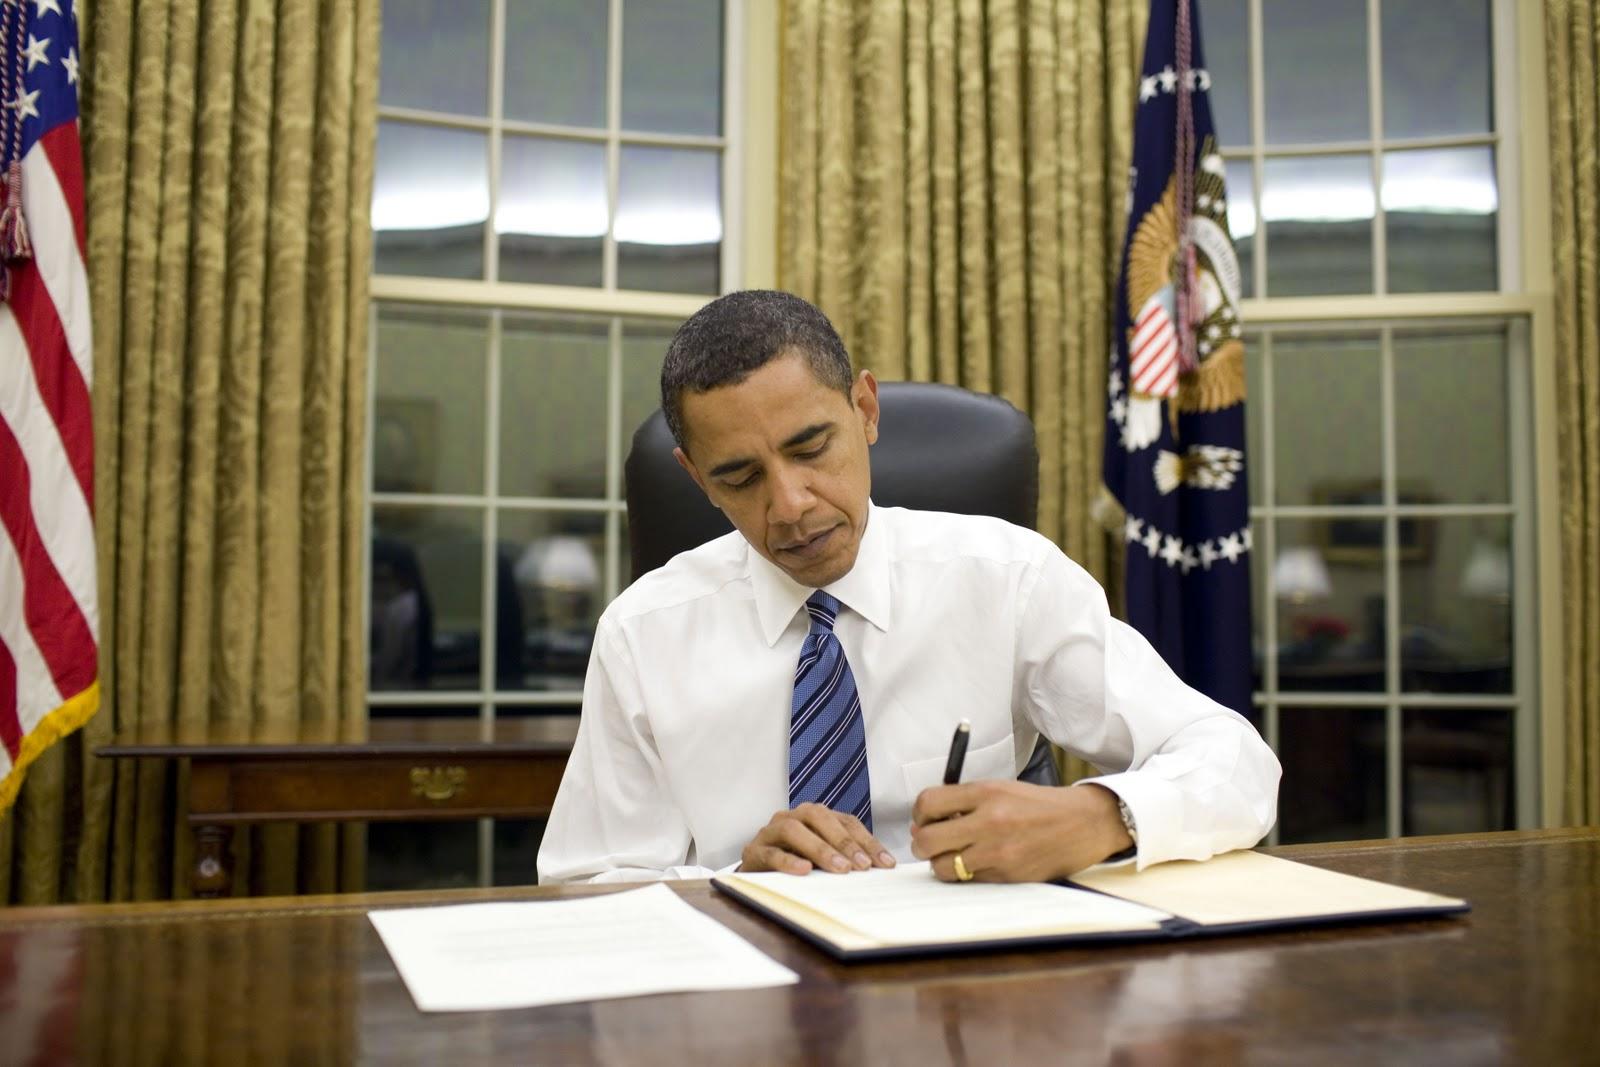 http://3.bp.blogspot.com/-tepZ4DEg0C4/TyevCPTocHI/AAAAAAAAA1w/Jh5d_Dew7AE/s1600/obama-in-white-house.jpg